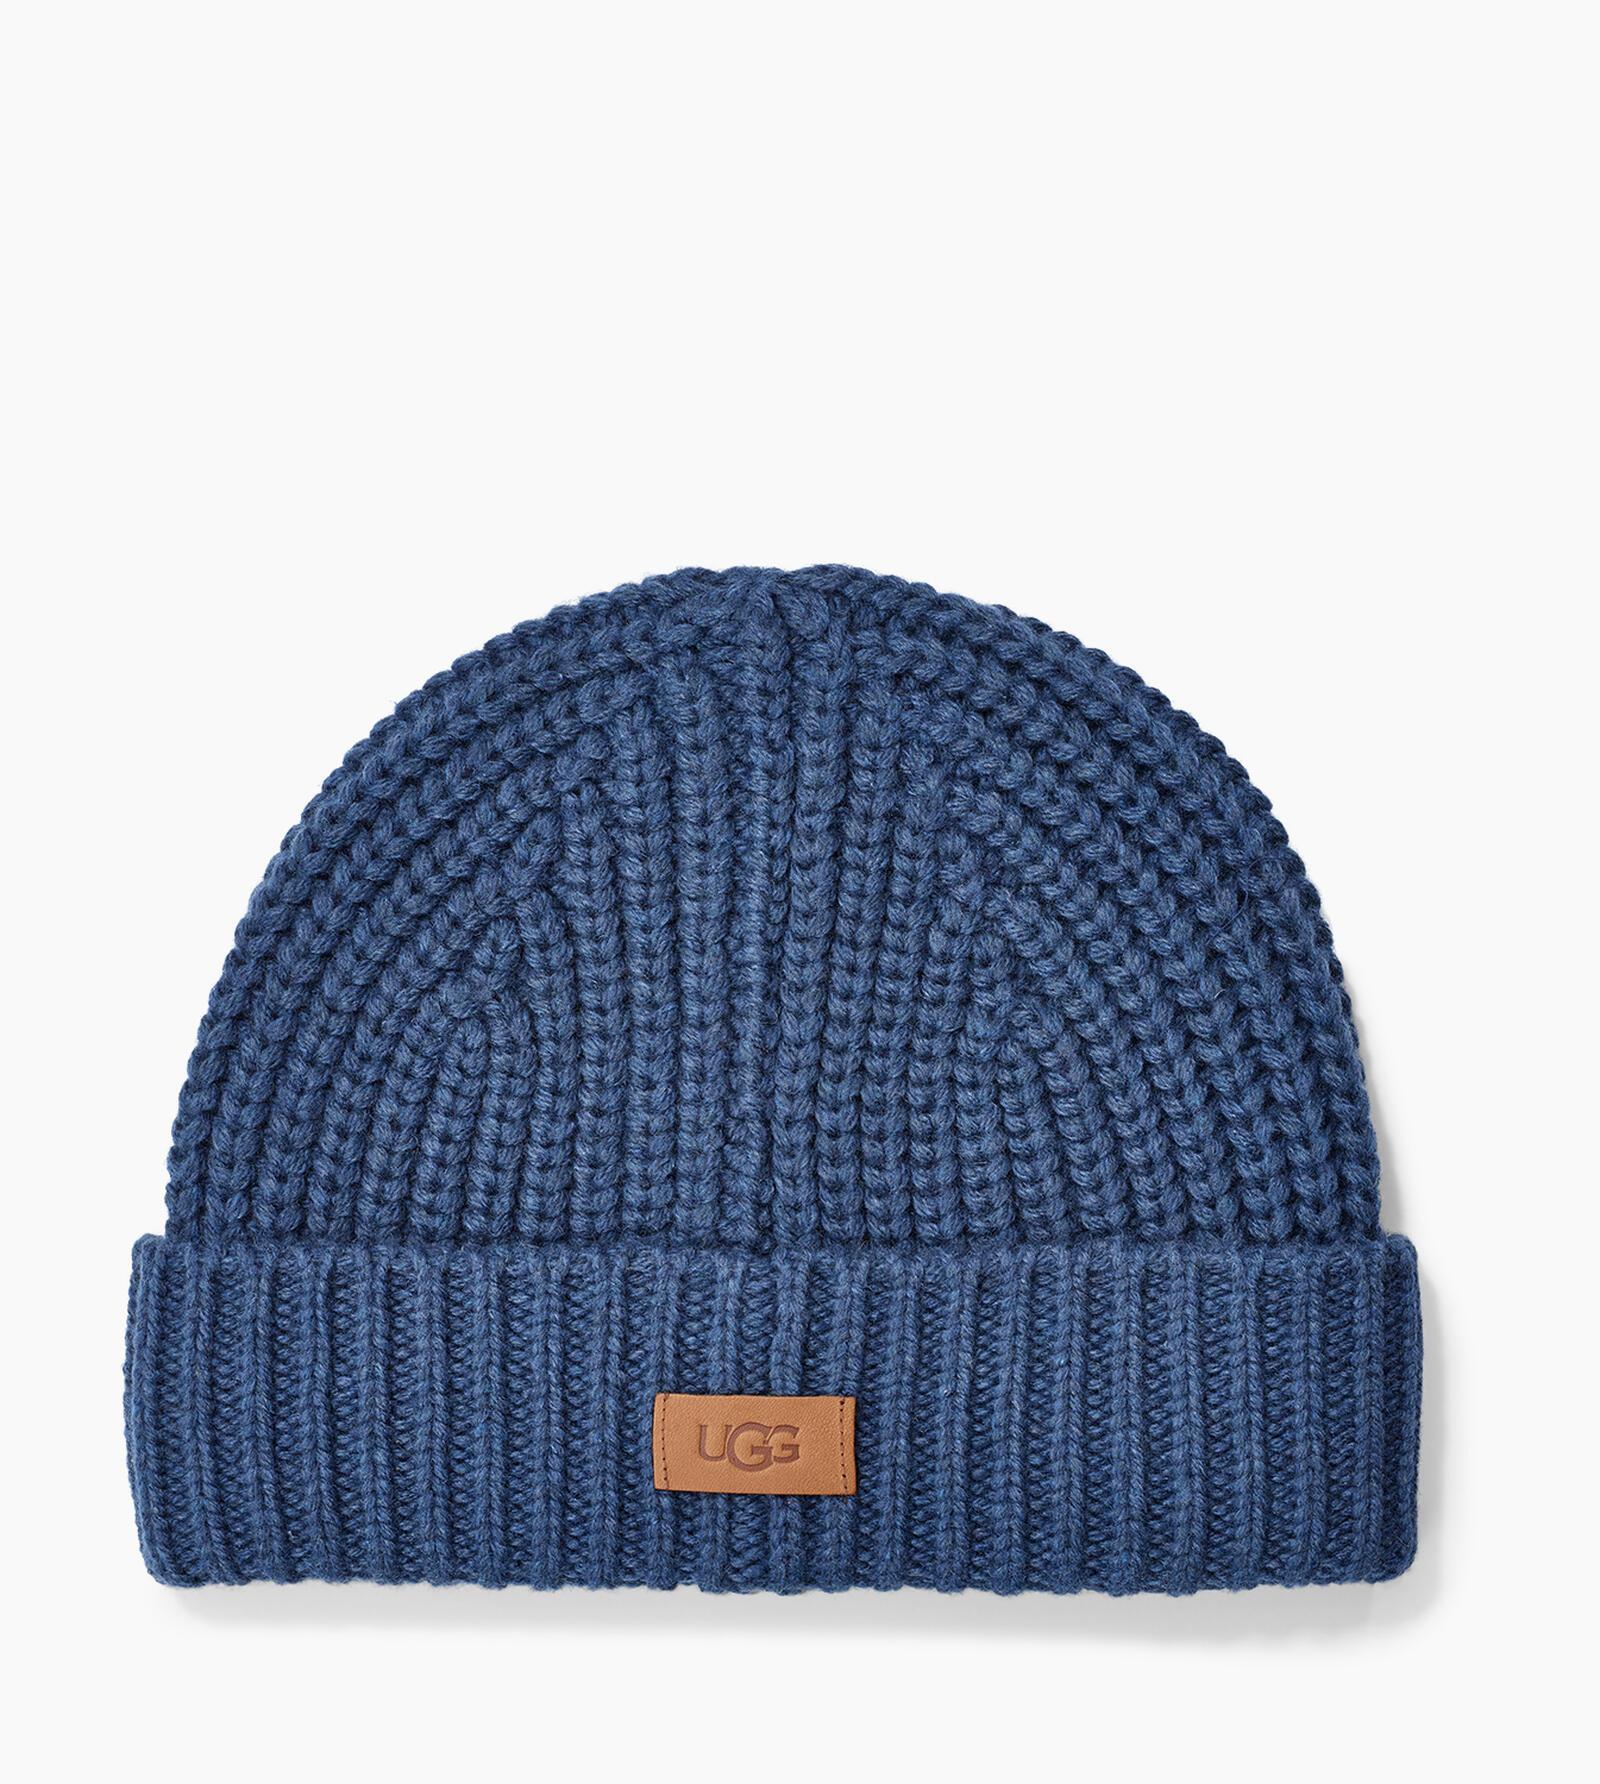 Rib Knit Cuff Mütze